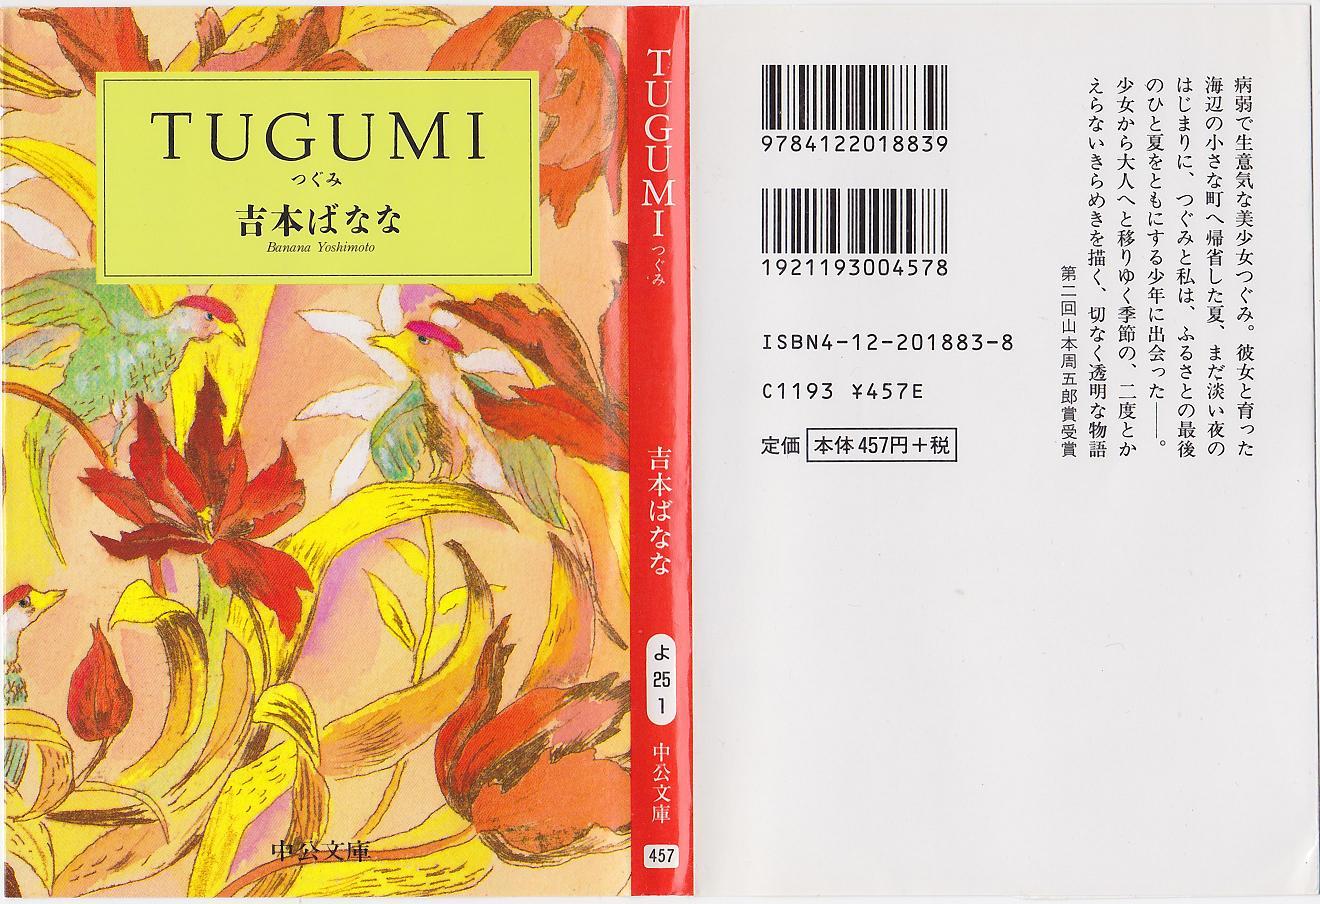 個別「TUGUMI - 吉本ばなな」の...